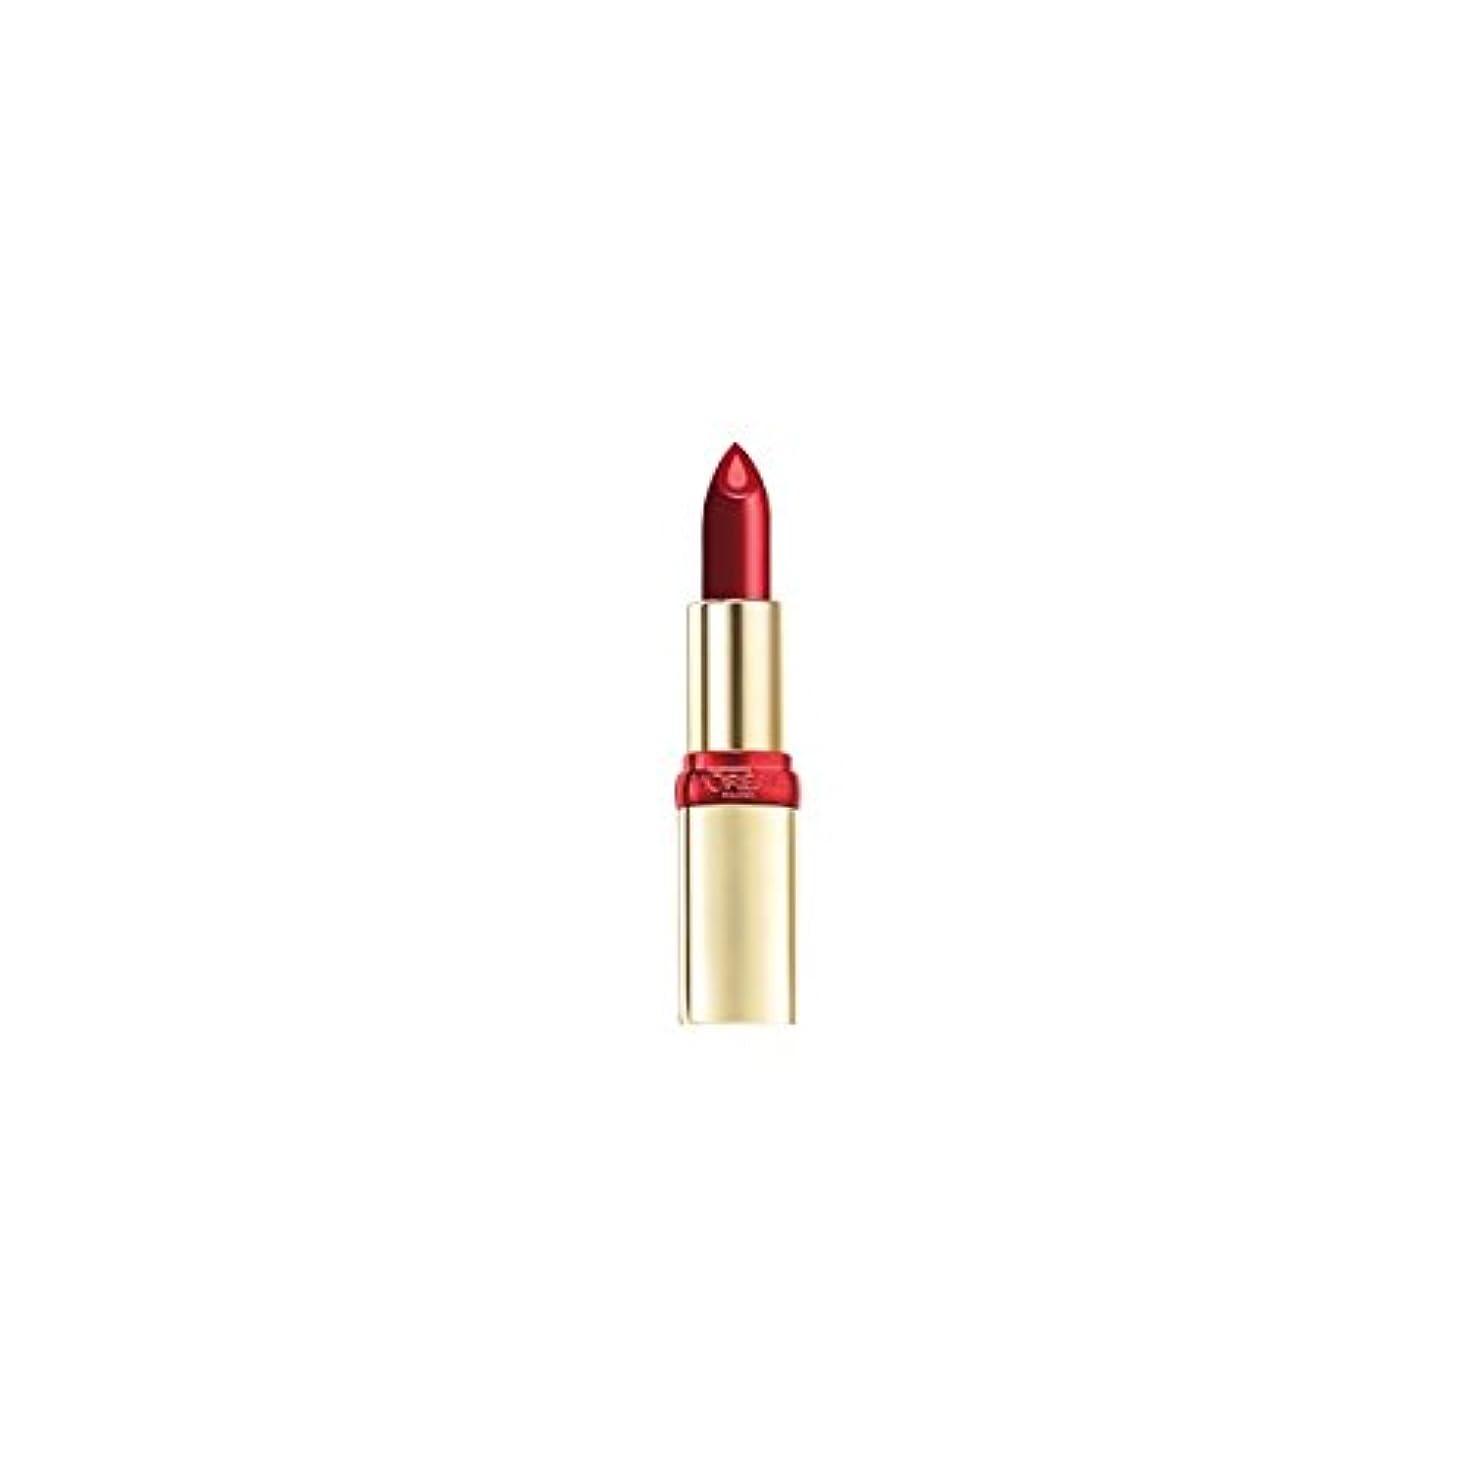 緊張サンダーケージL' OREAL Rouge à Lévres Color Riche Sérum Anti Age 503 Bright Burgundy